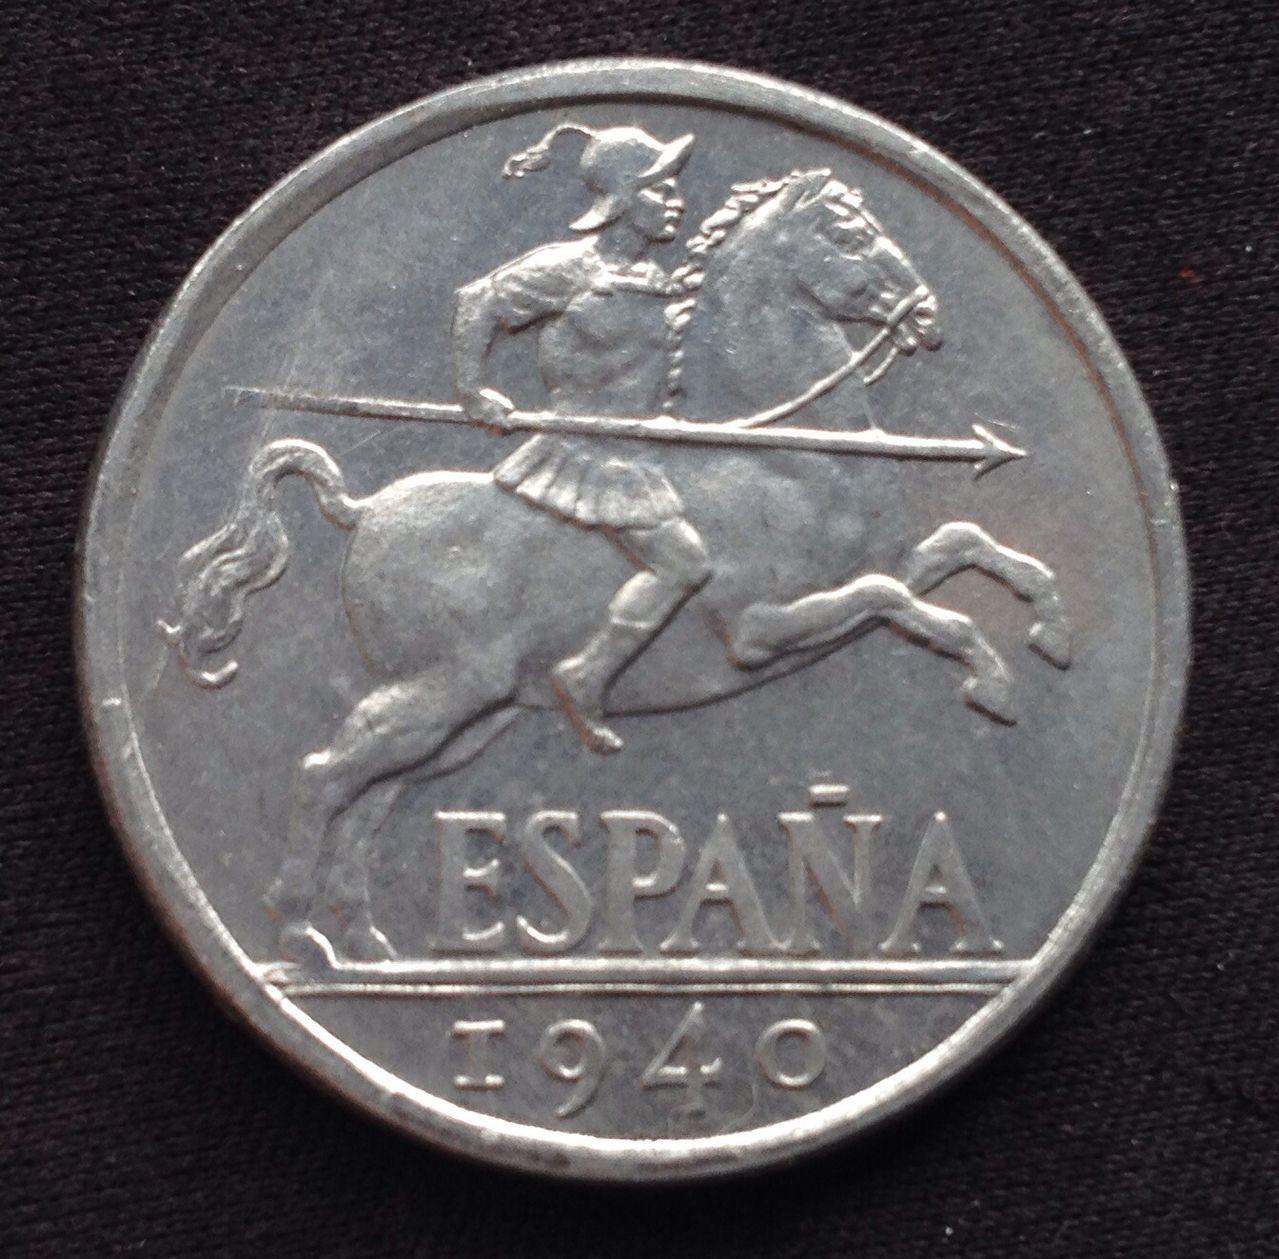 10 céntimos 1940 Estado Español Image